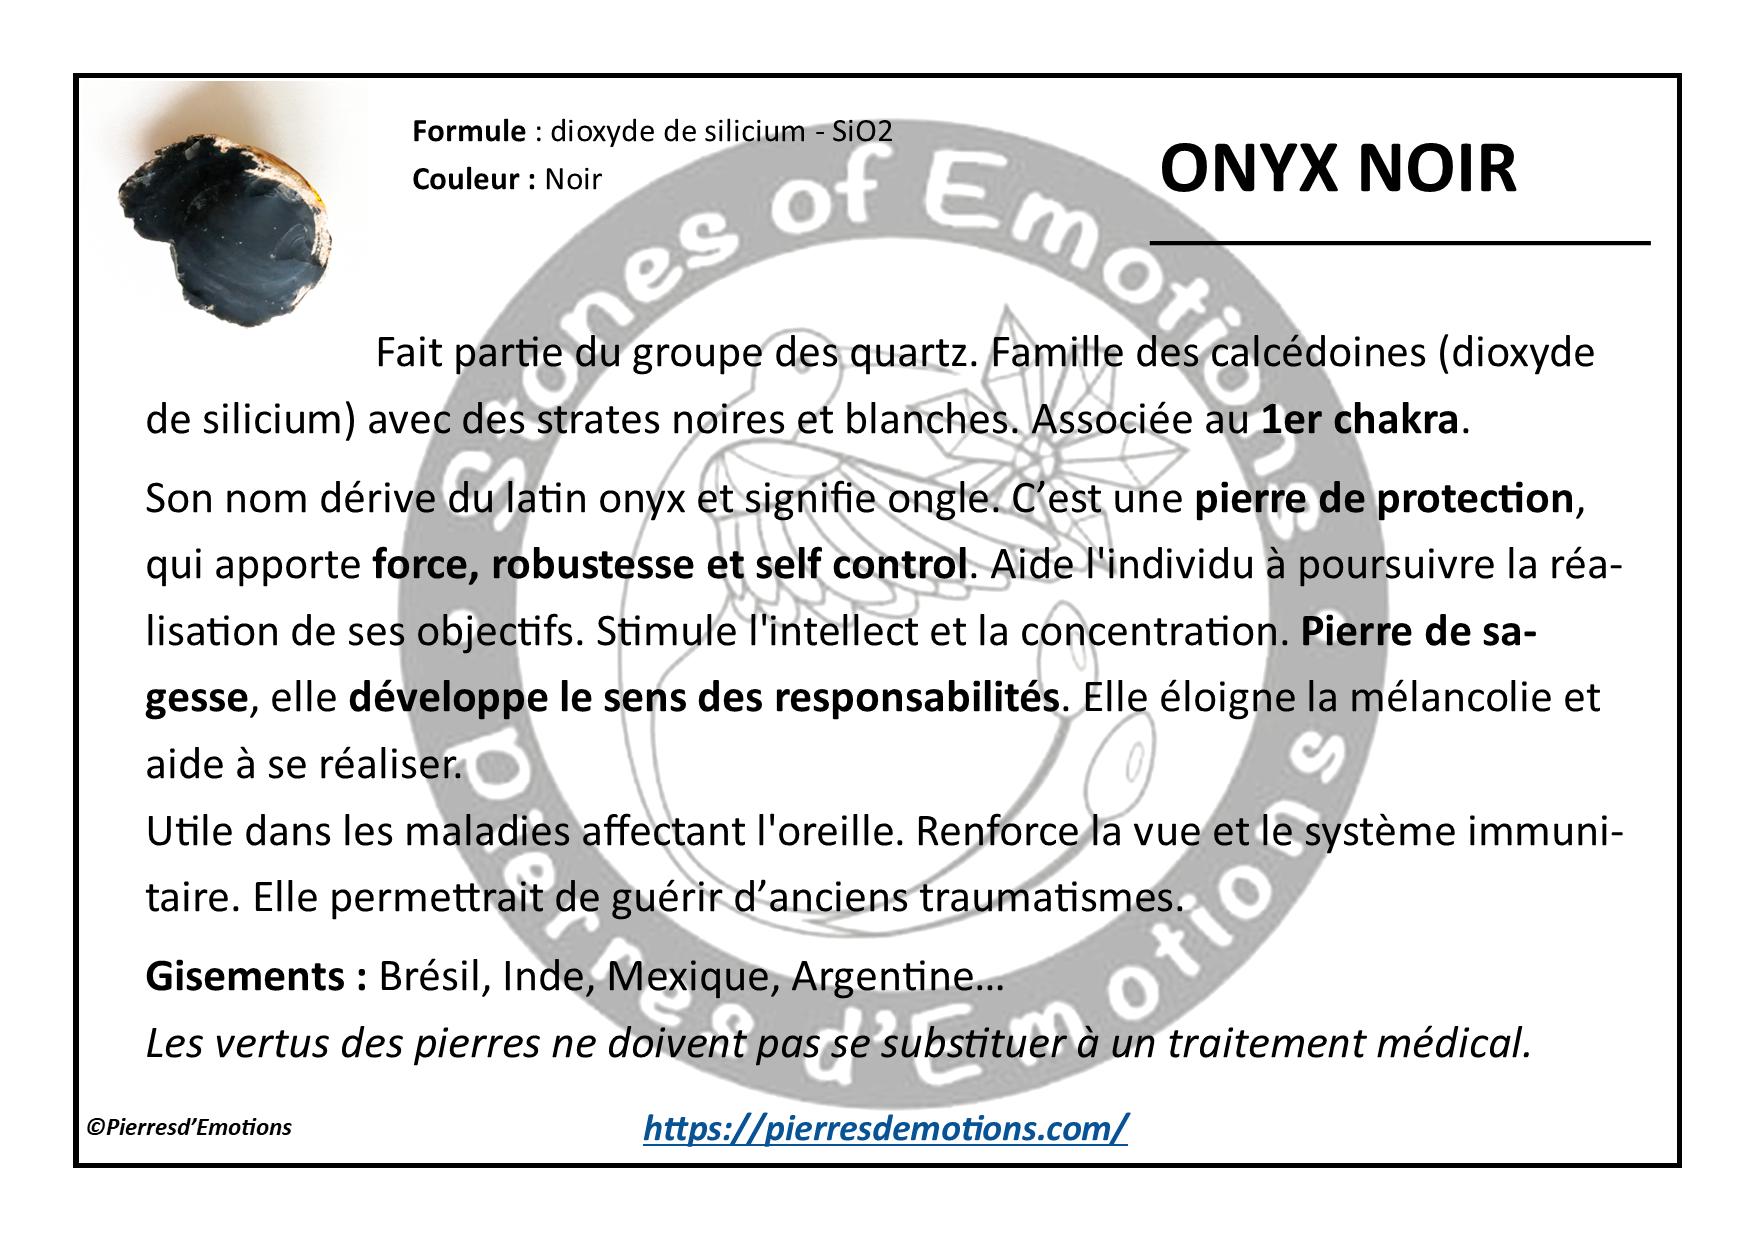 OnyxNoir